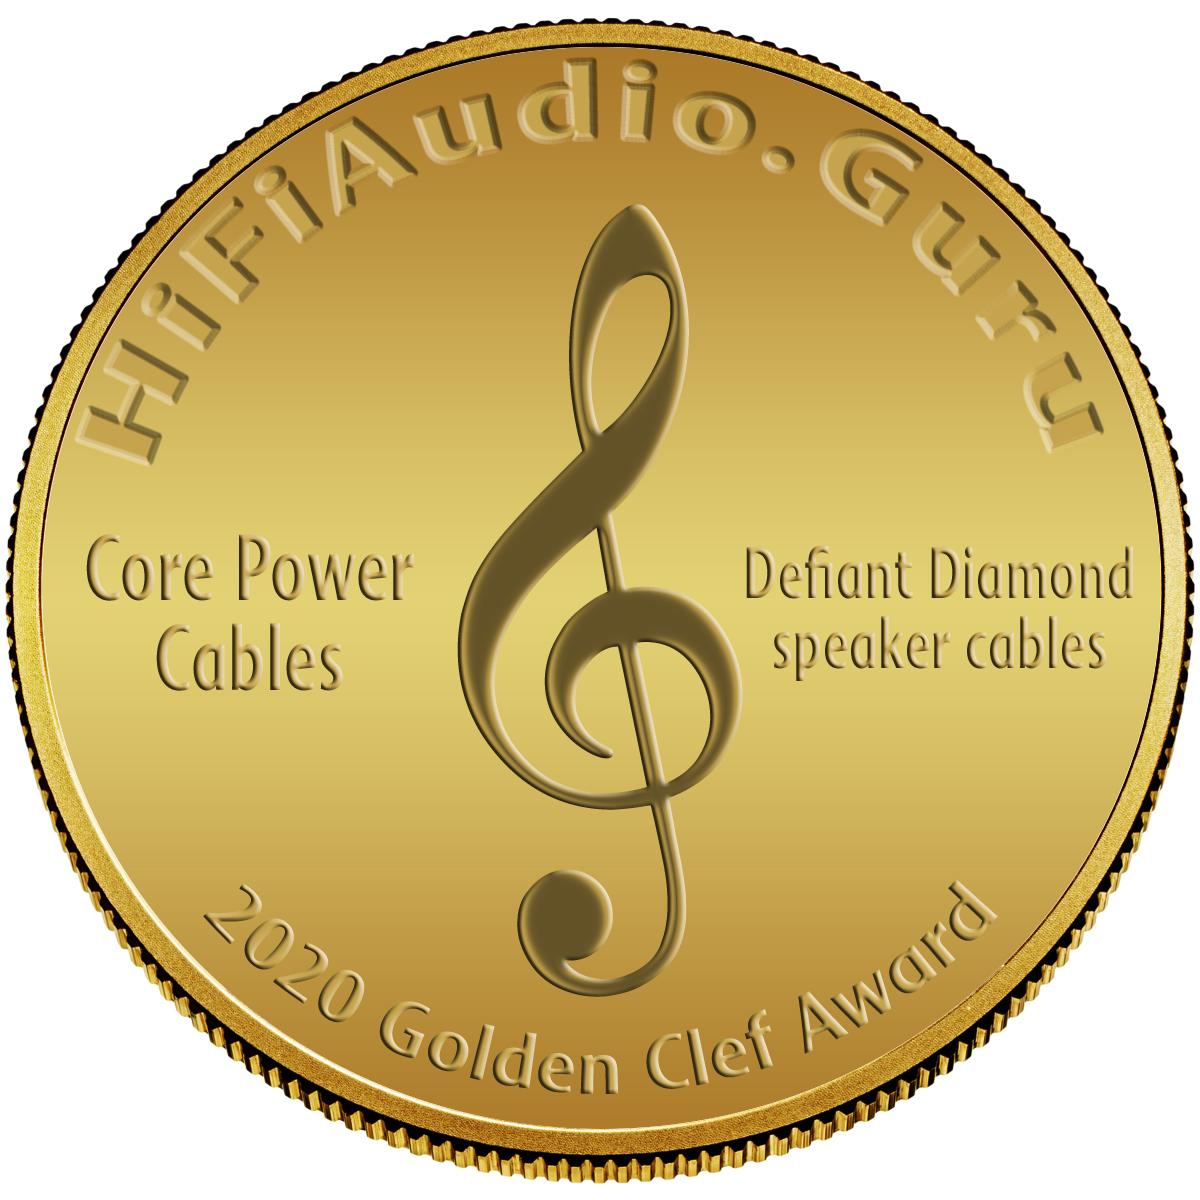 Core Power Cables Defiant Diamond speaker cables